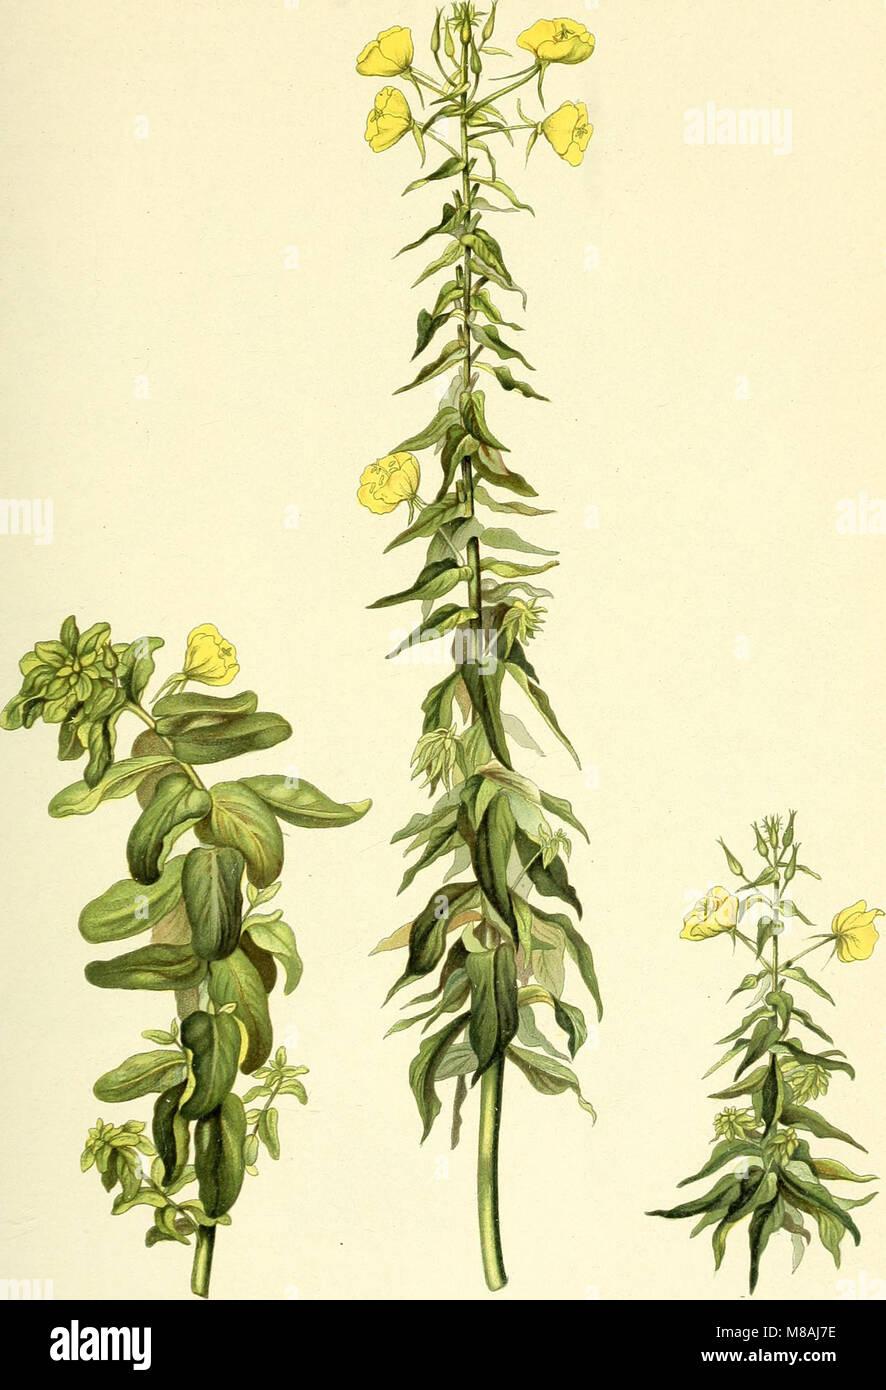 Die mutationstheorie. Versuche und beobachtungen über die entstehung von arten im pflanzenreich (1903) (20311835994) - Stock Image